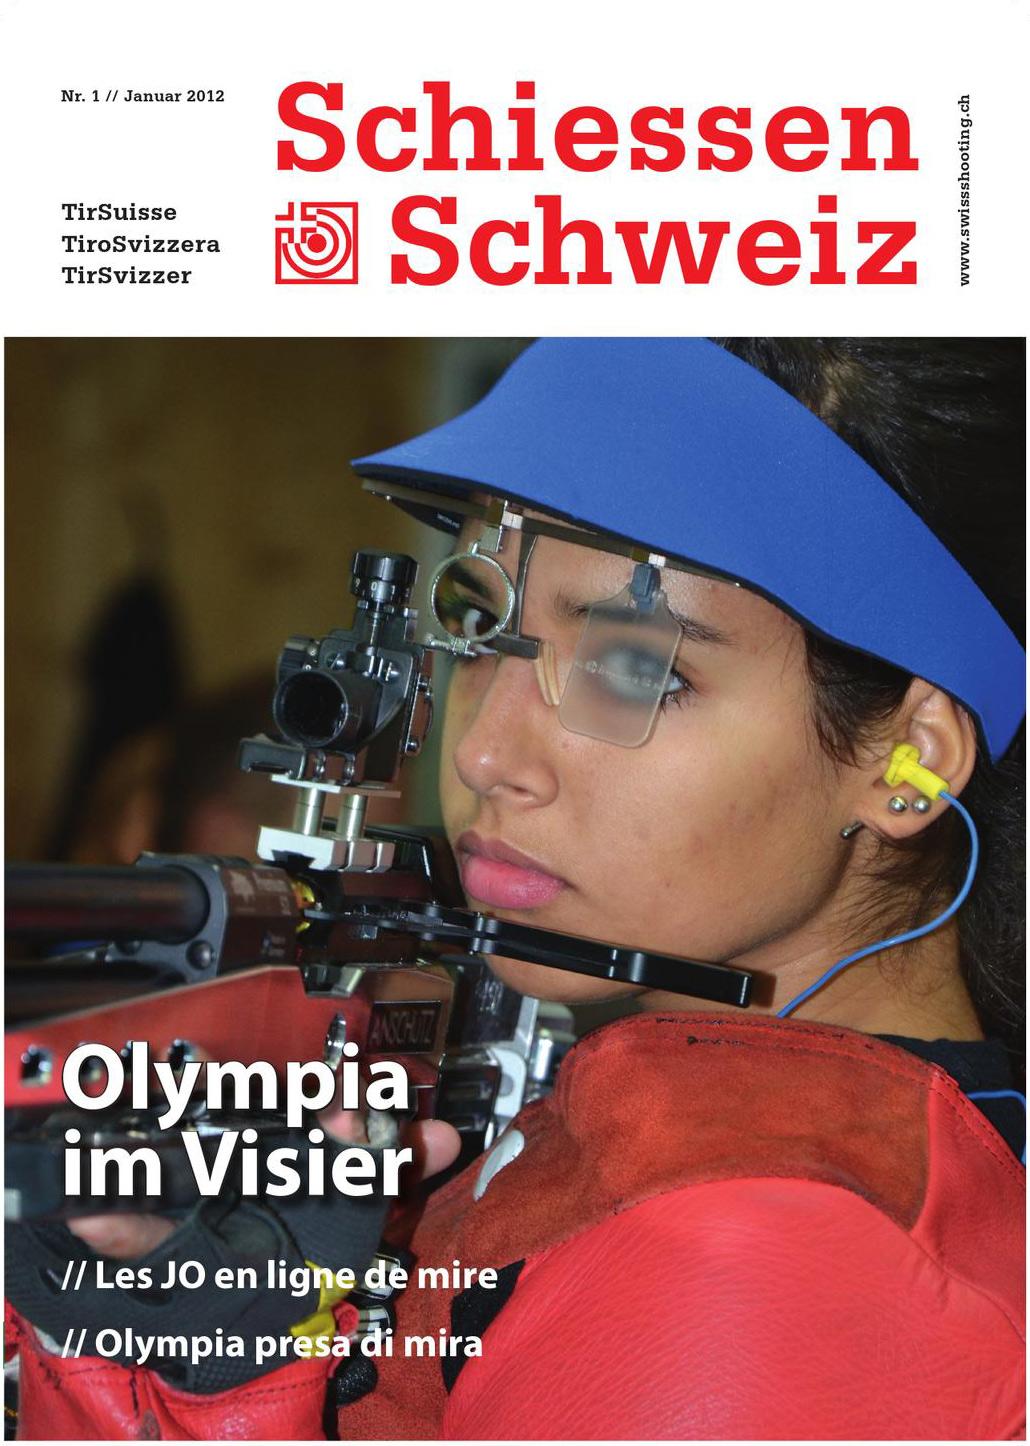 Das Magazin Schiessen Schweiz zeigt eine Champion-Brille.